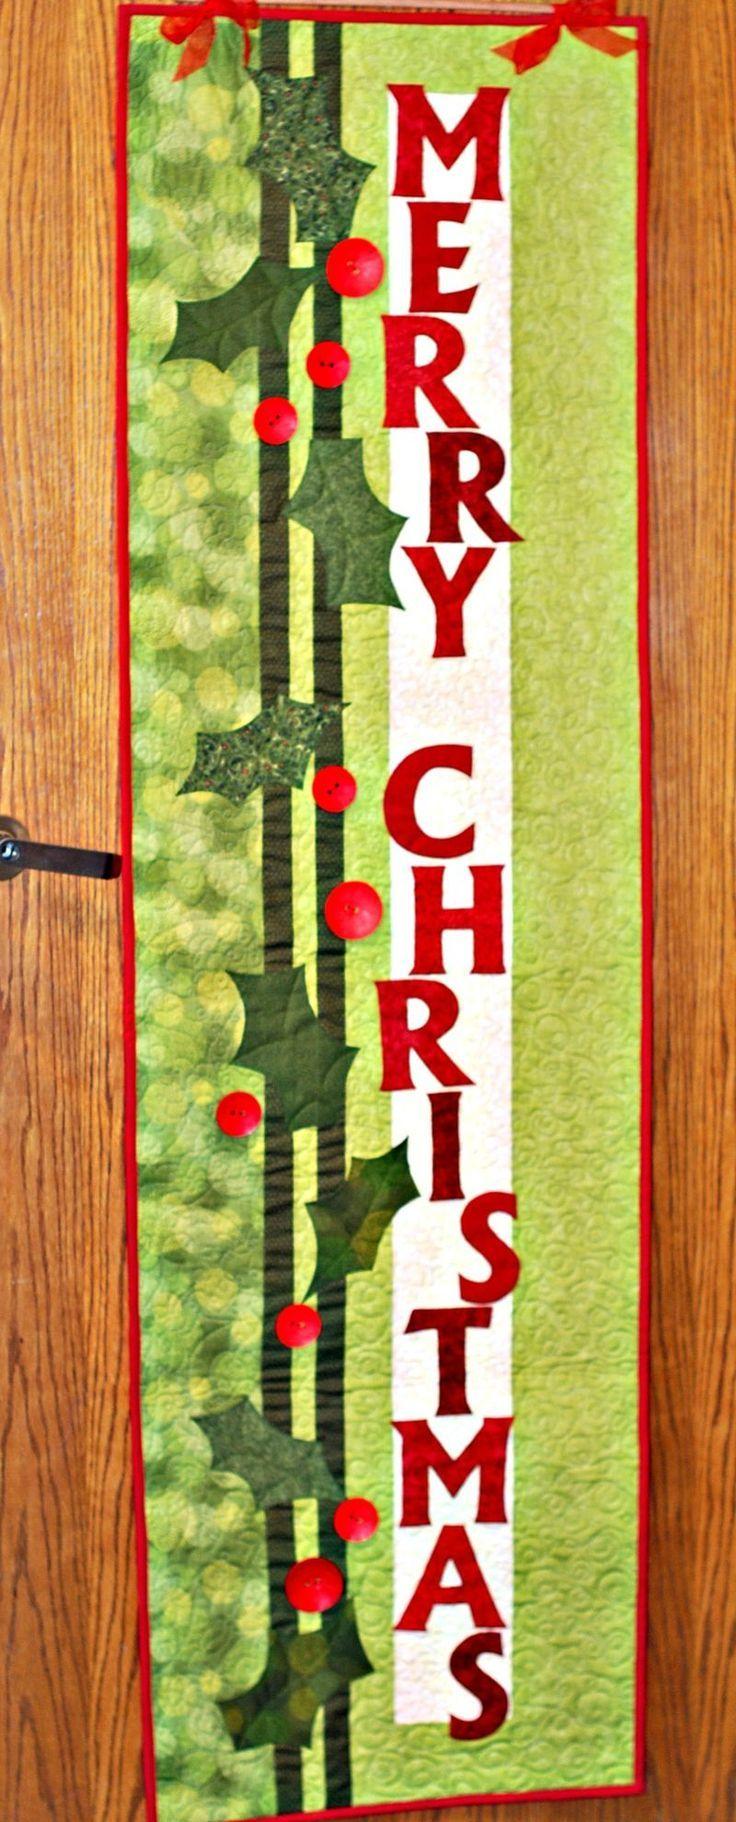 Merry Christmas Banner from Nancy Halvorsen's Christmas book, Tidings.